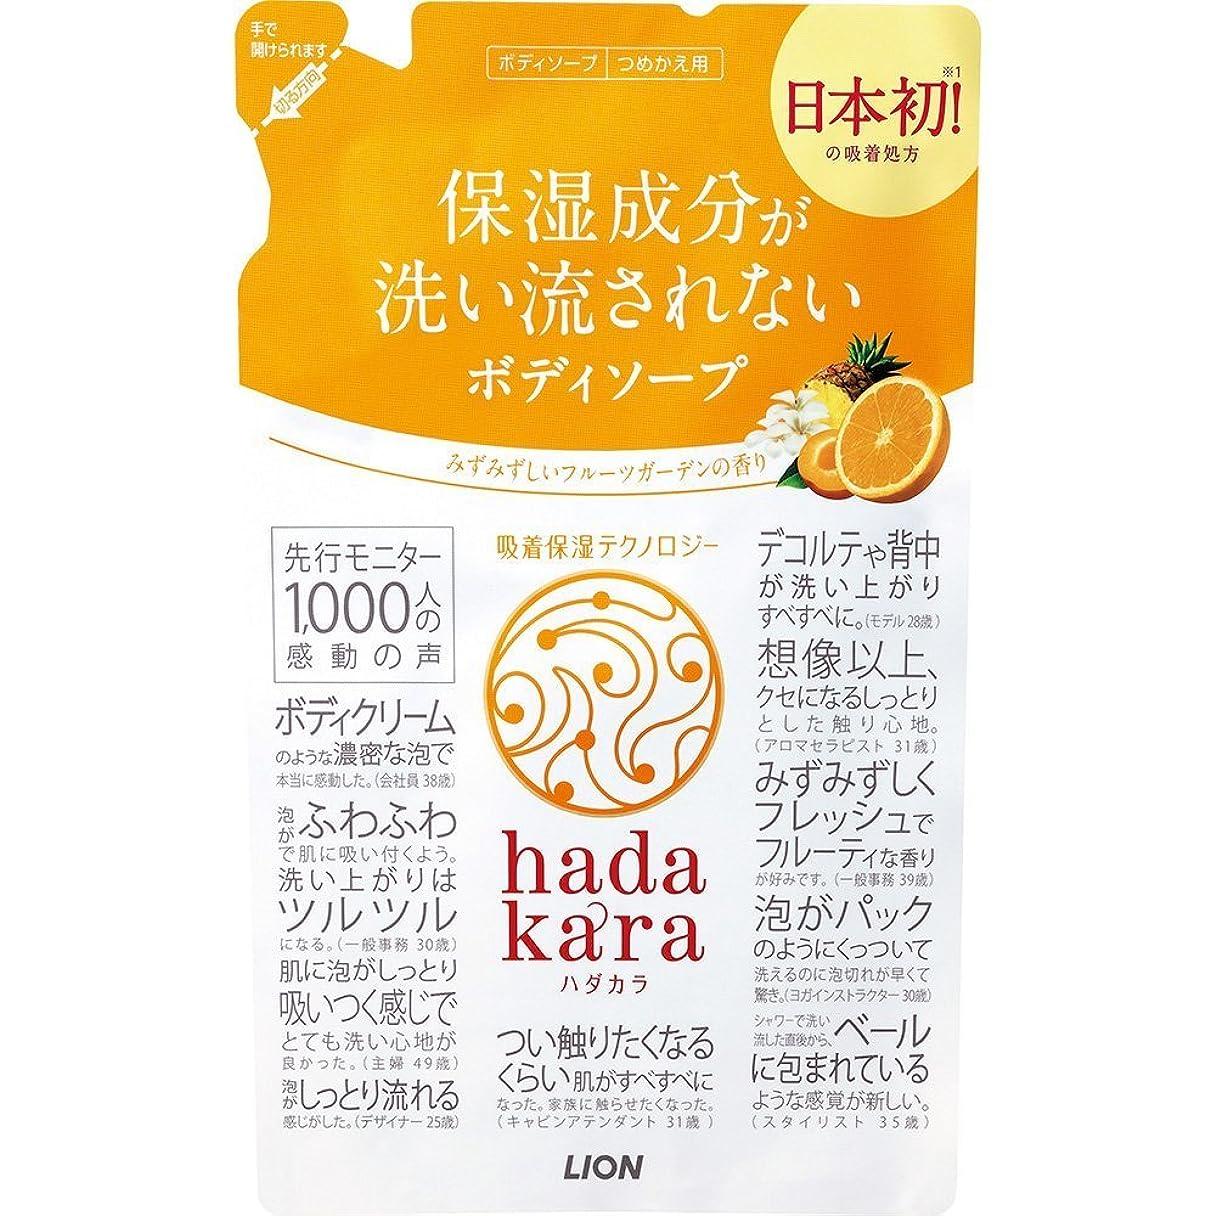 電卓公爵膨らみhadakara(ハダカラ) ボディソープ フルーツガーデンの香り 詰め替え 360ml